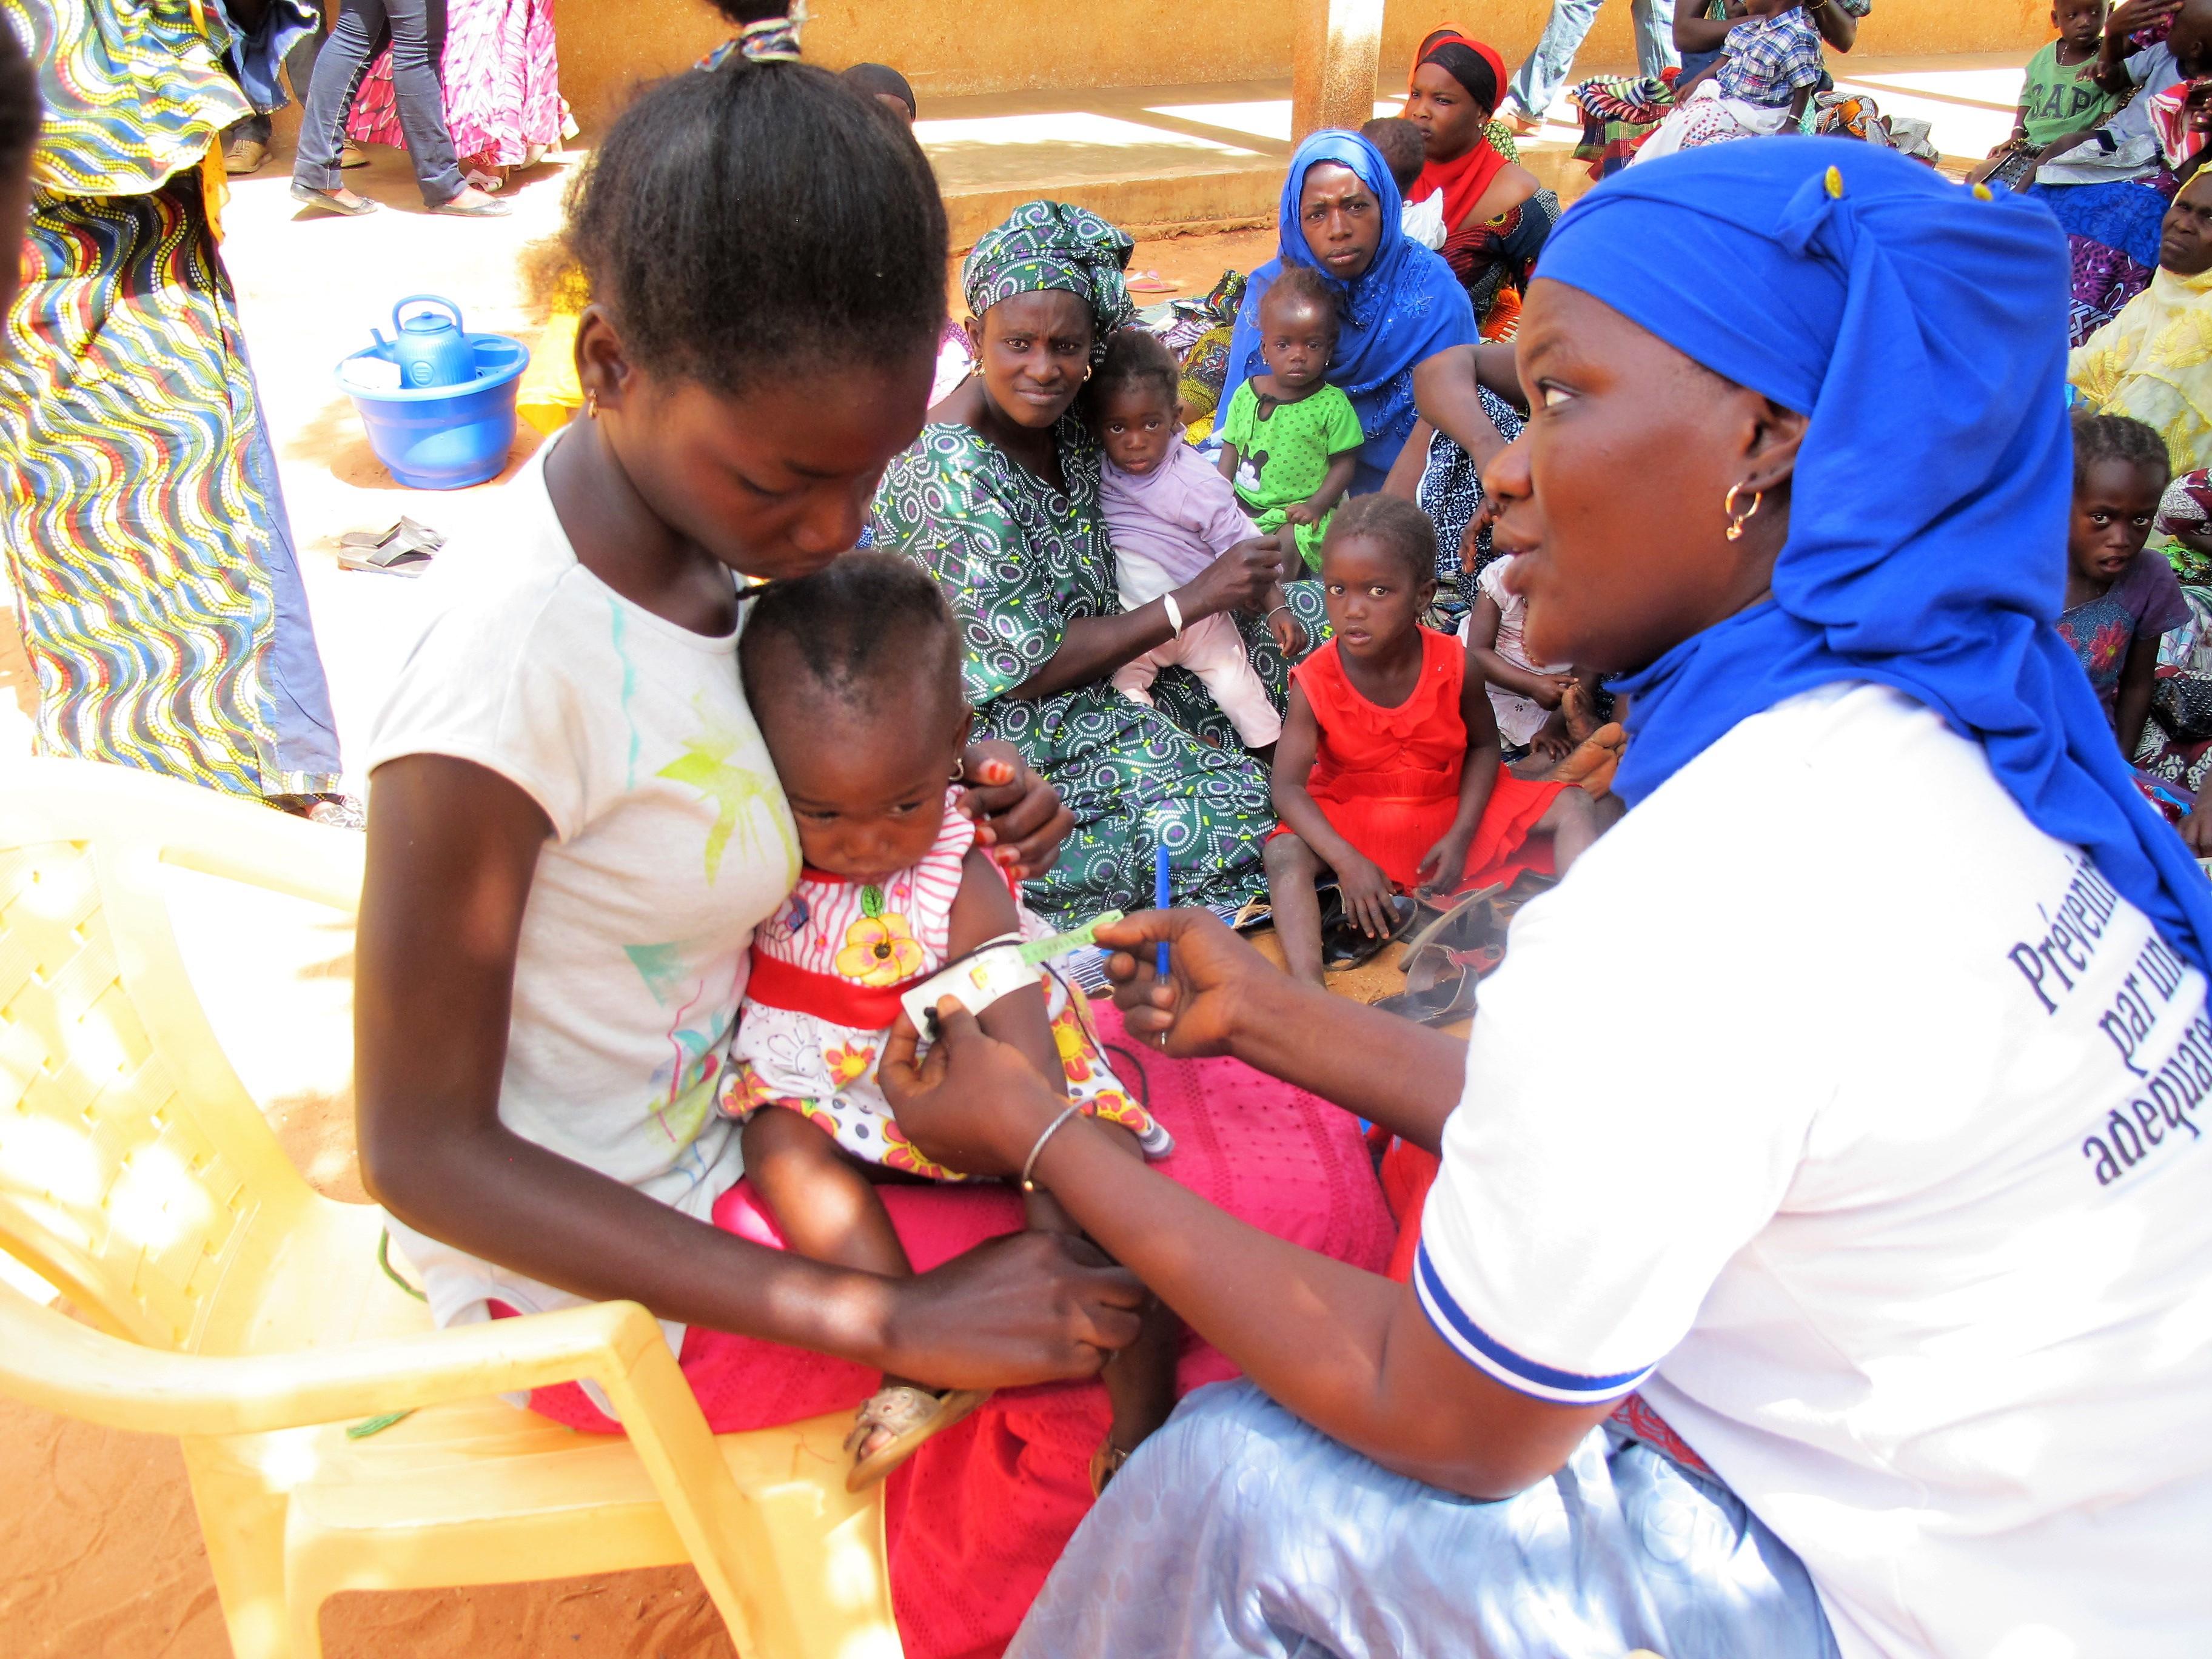 bracelet personnel hki souriante et groupe d'enfants